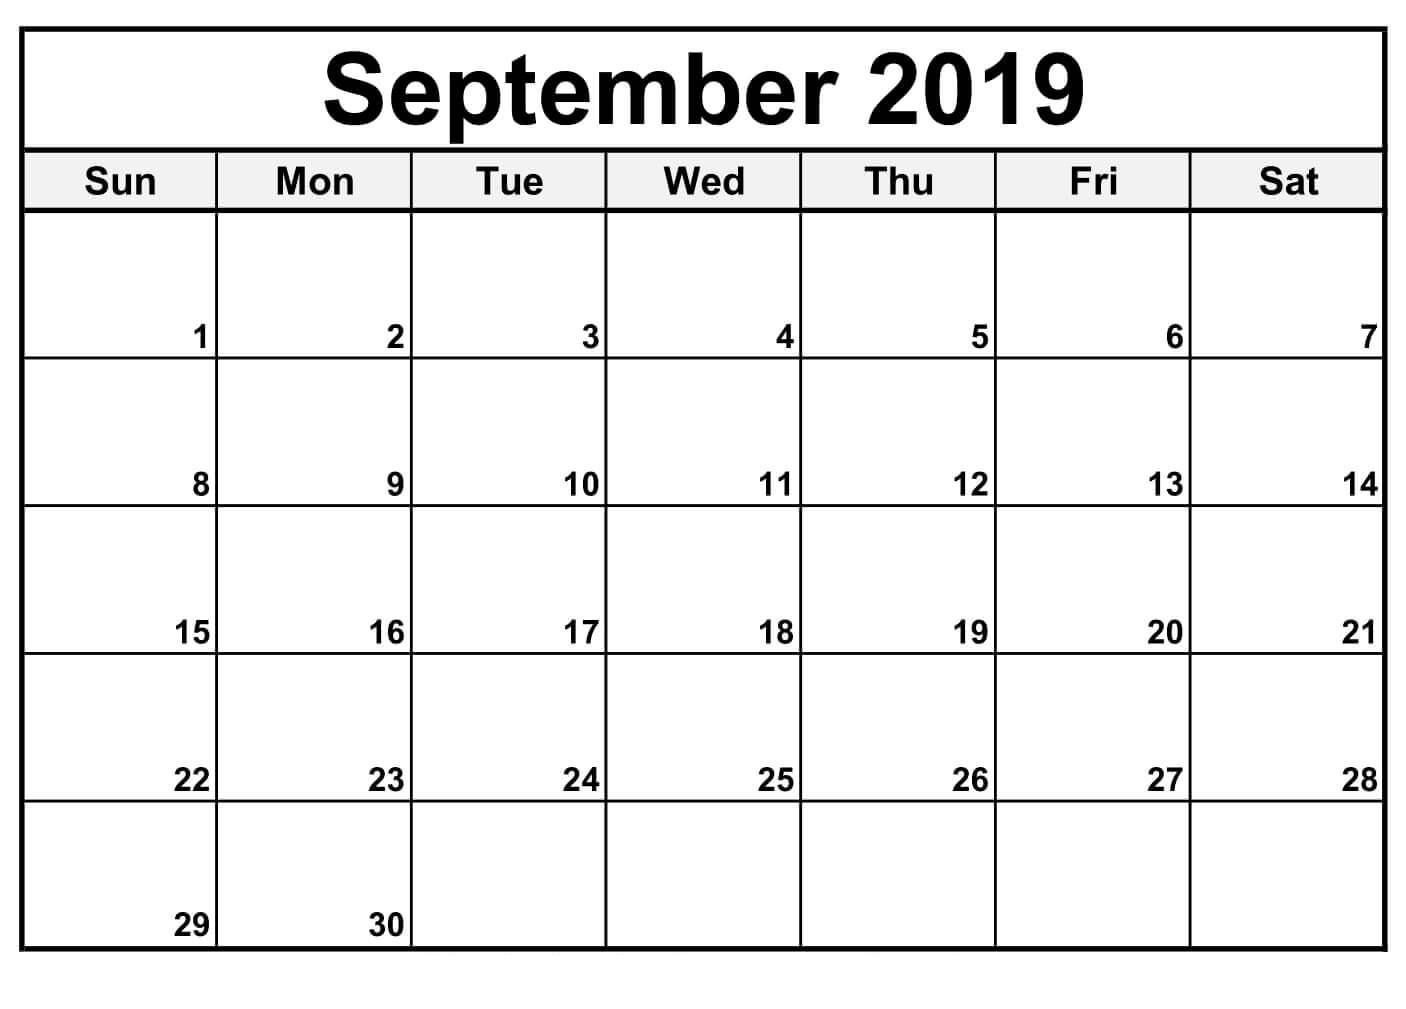 September 2019 Printable Calendar Monthly - Free Printable Calendar within Printable Blank Calendar Pages For September